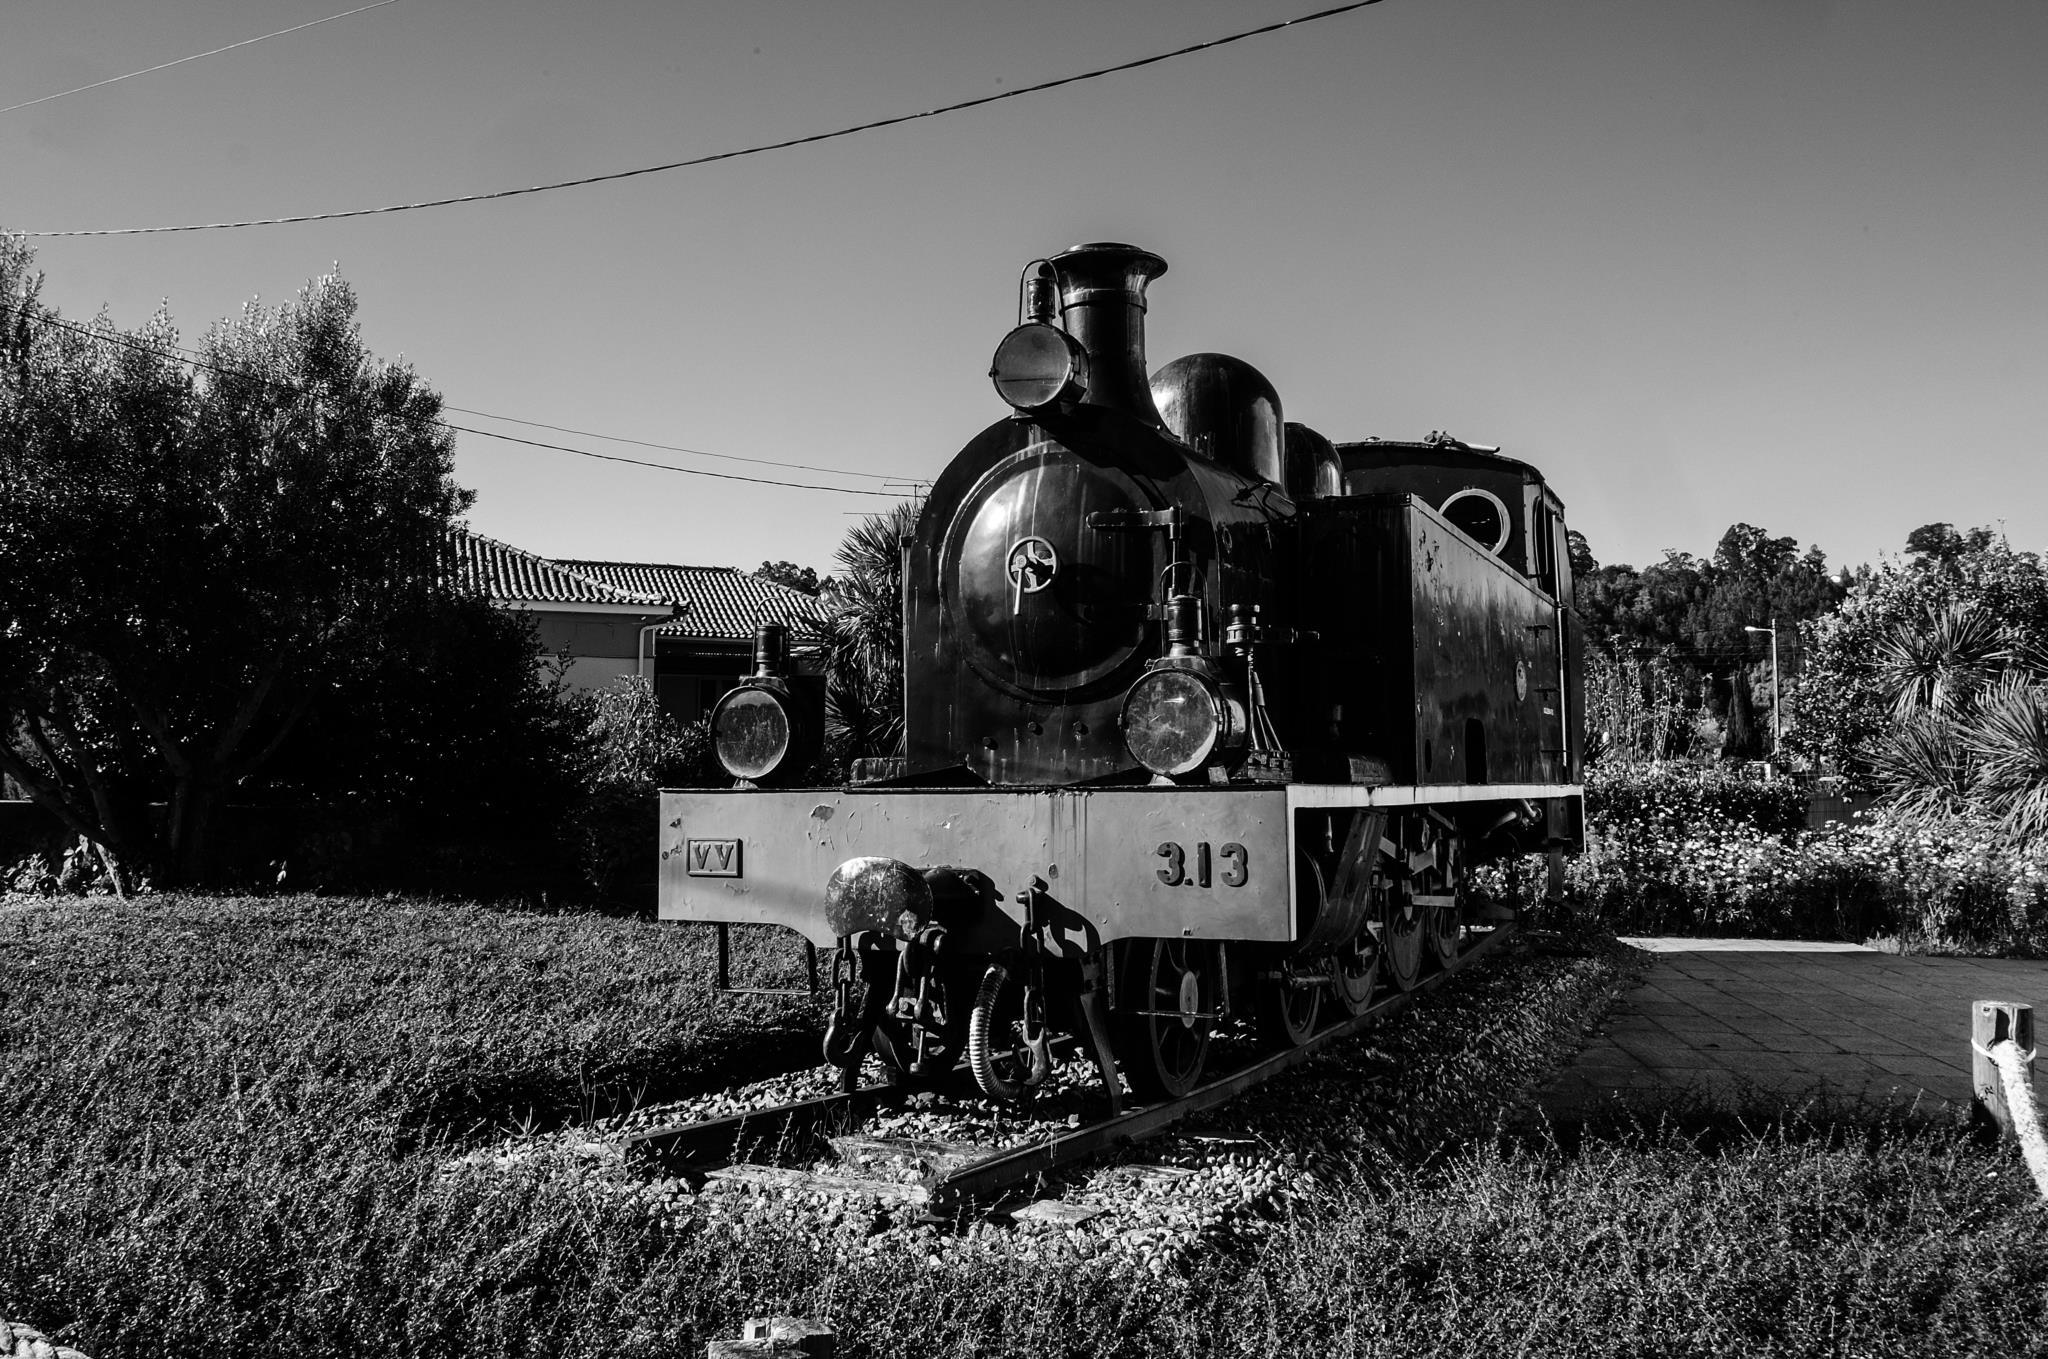 Antiga locomotiva a vapor, Museu Ferroviário de Macinhata do Vouga